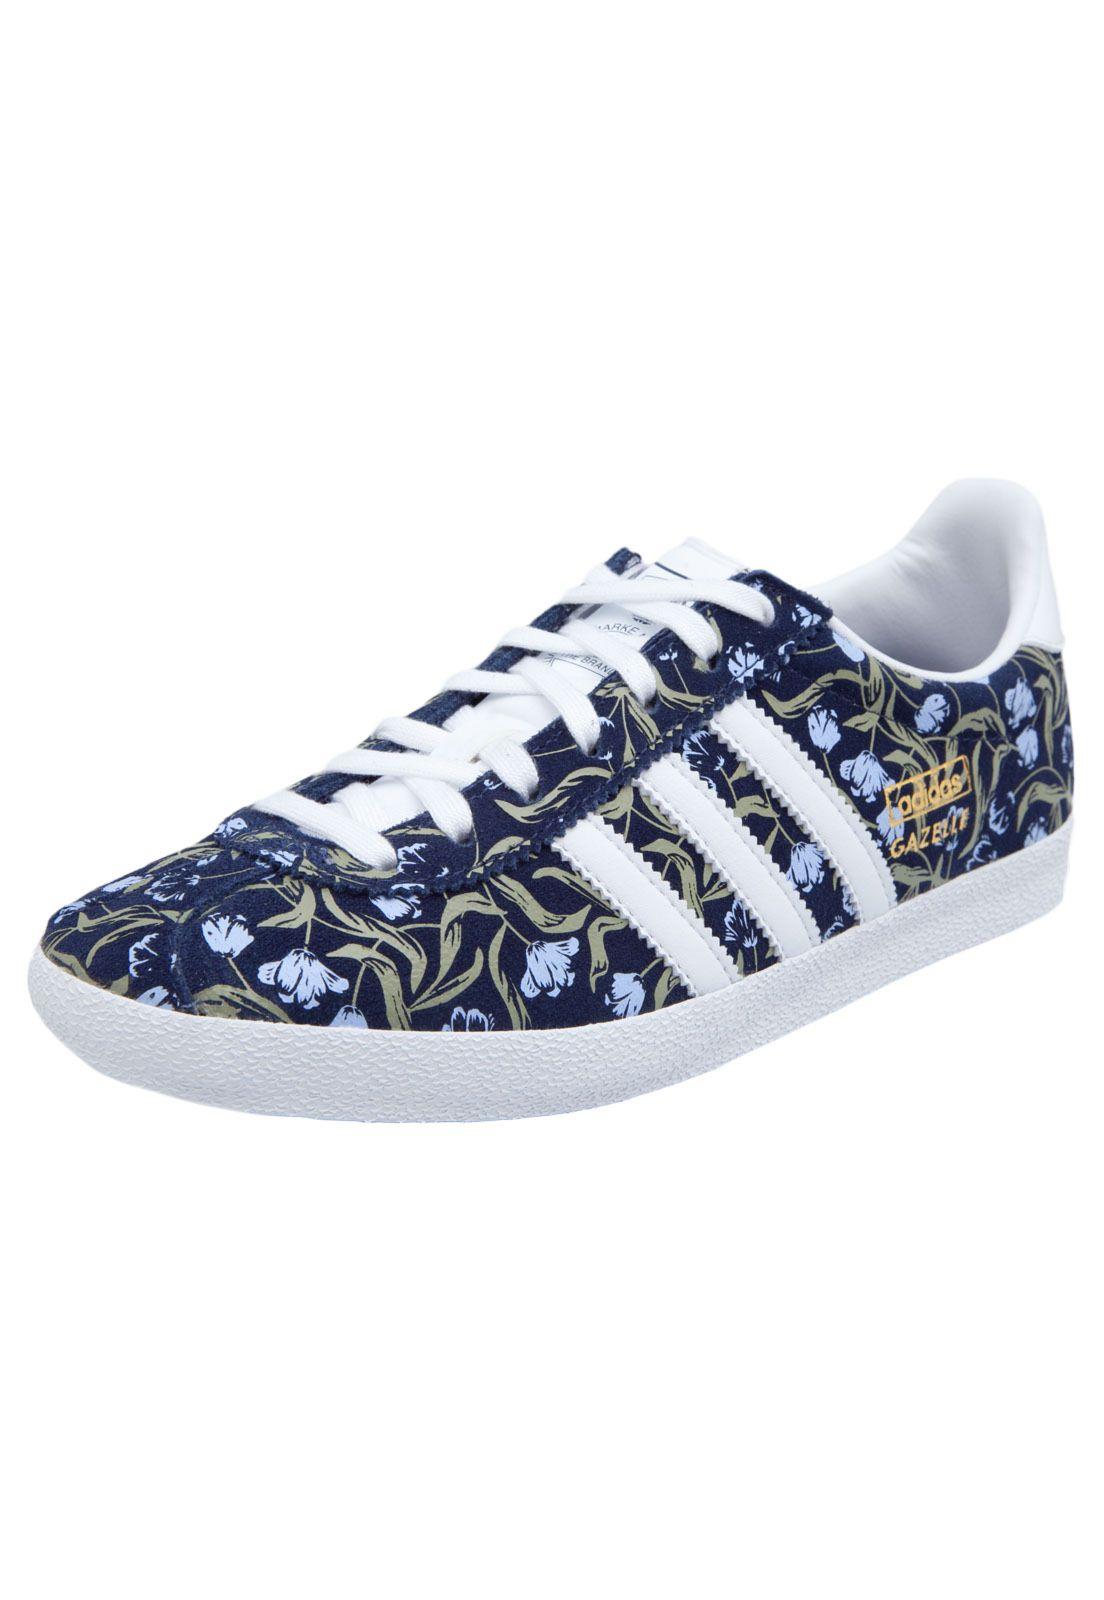 Tênis adidas Originals Gazelle Og W Azul Marinho - Marca Adidas Originals 55adcc1460129